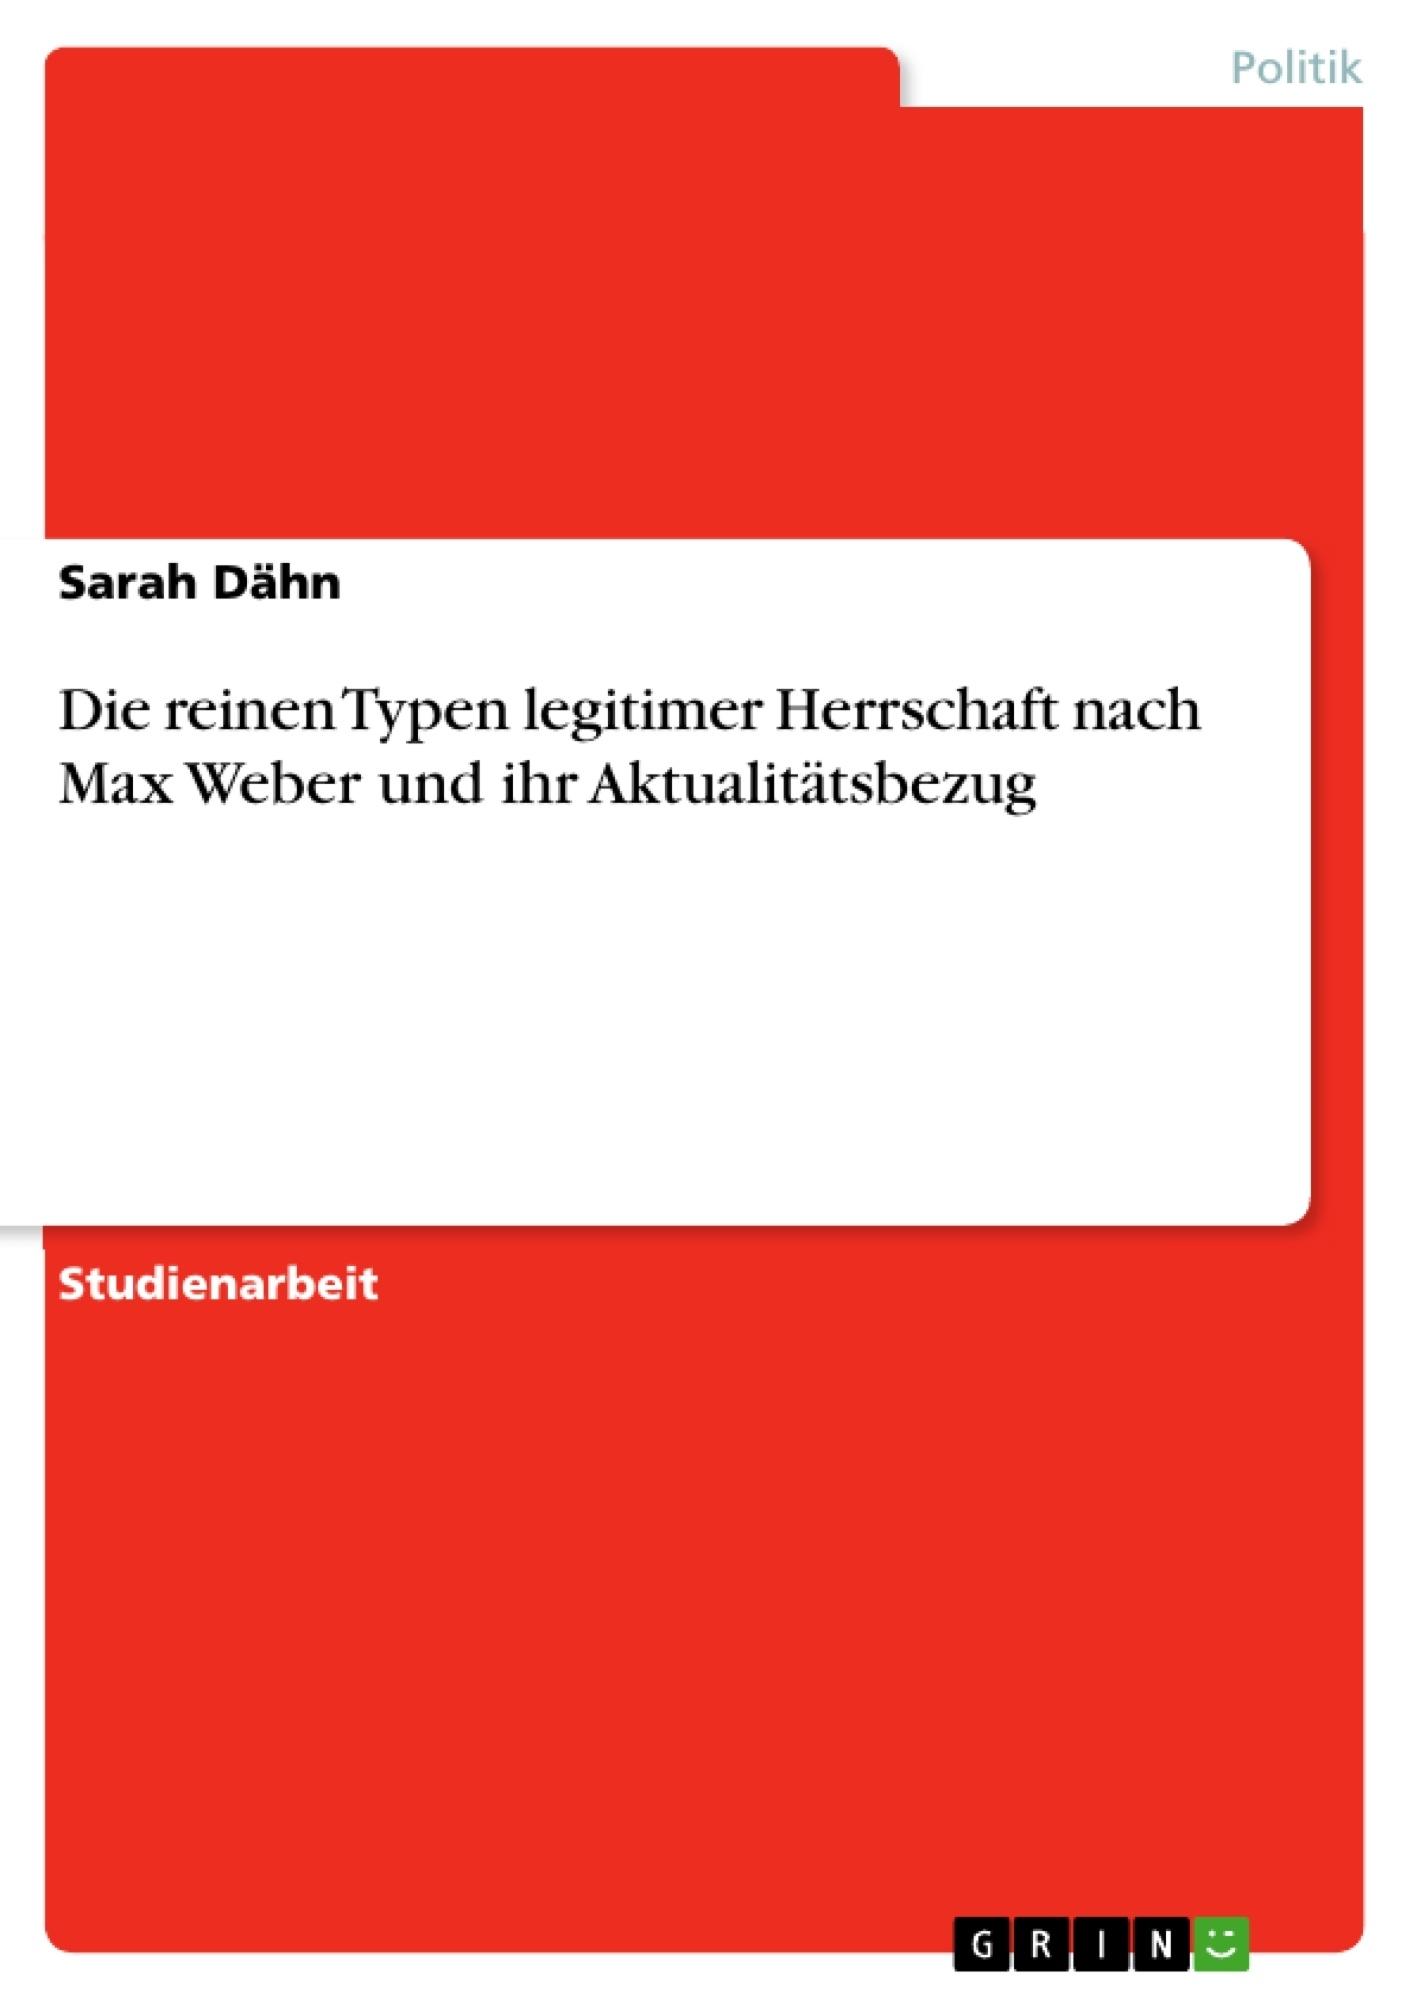 Titel: Die reinen Typen legitimer Herrschaft nach Max Weber und ihr Aktualitätsbezug